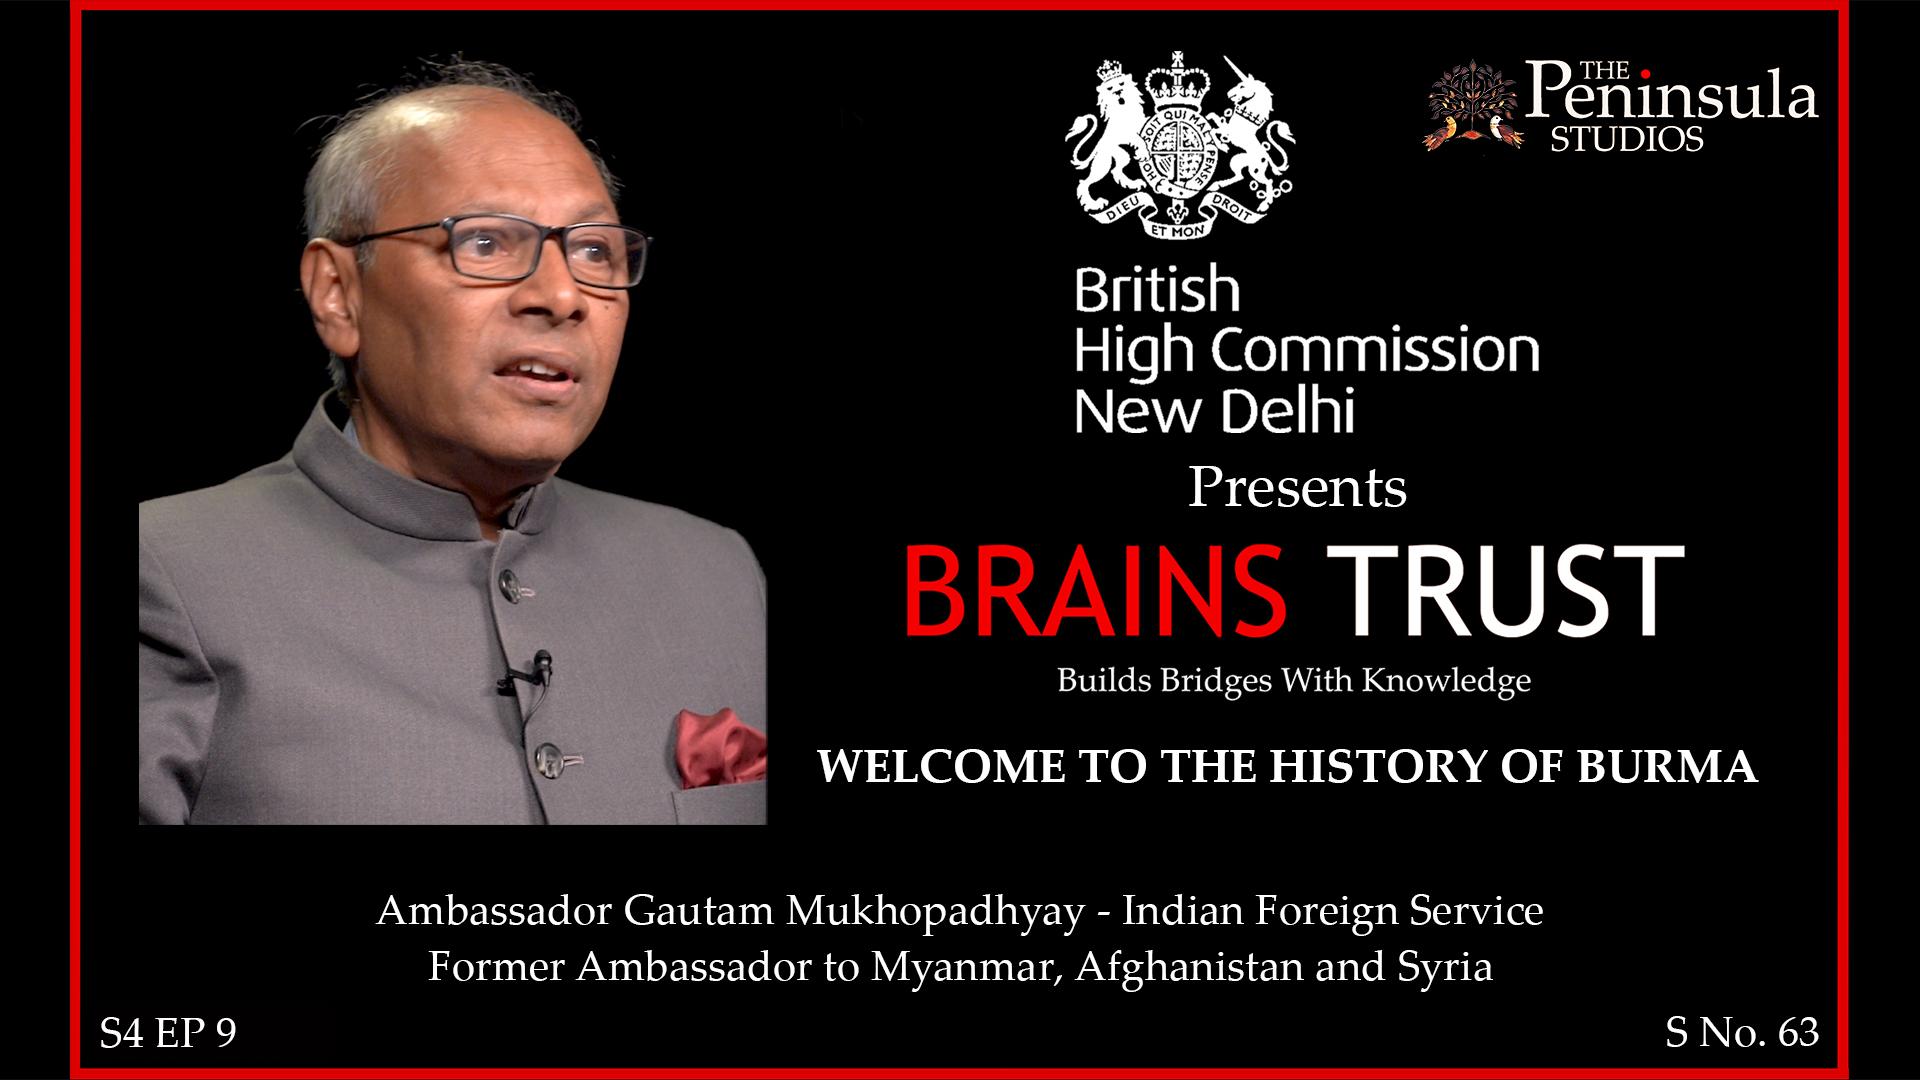 Gautam Mokhopadhyay